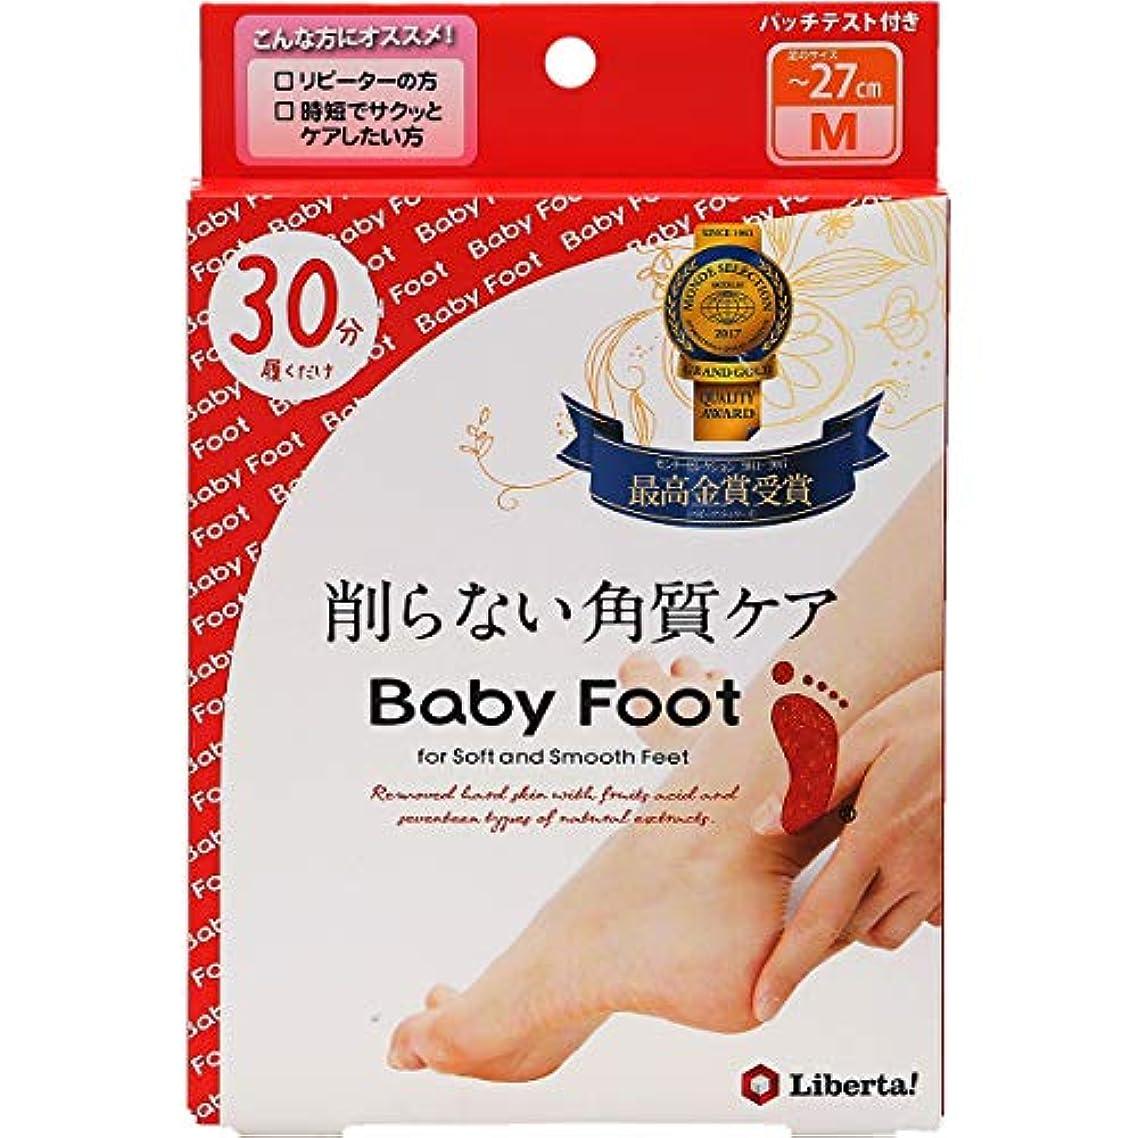 密接にラインベビーフット (Baby Foot) ベビーフット イージーパック30分タイプ Mサイズ 単品